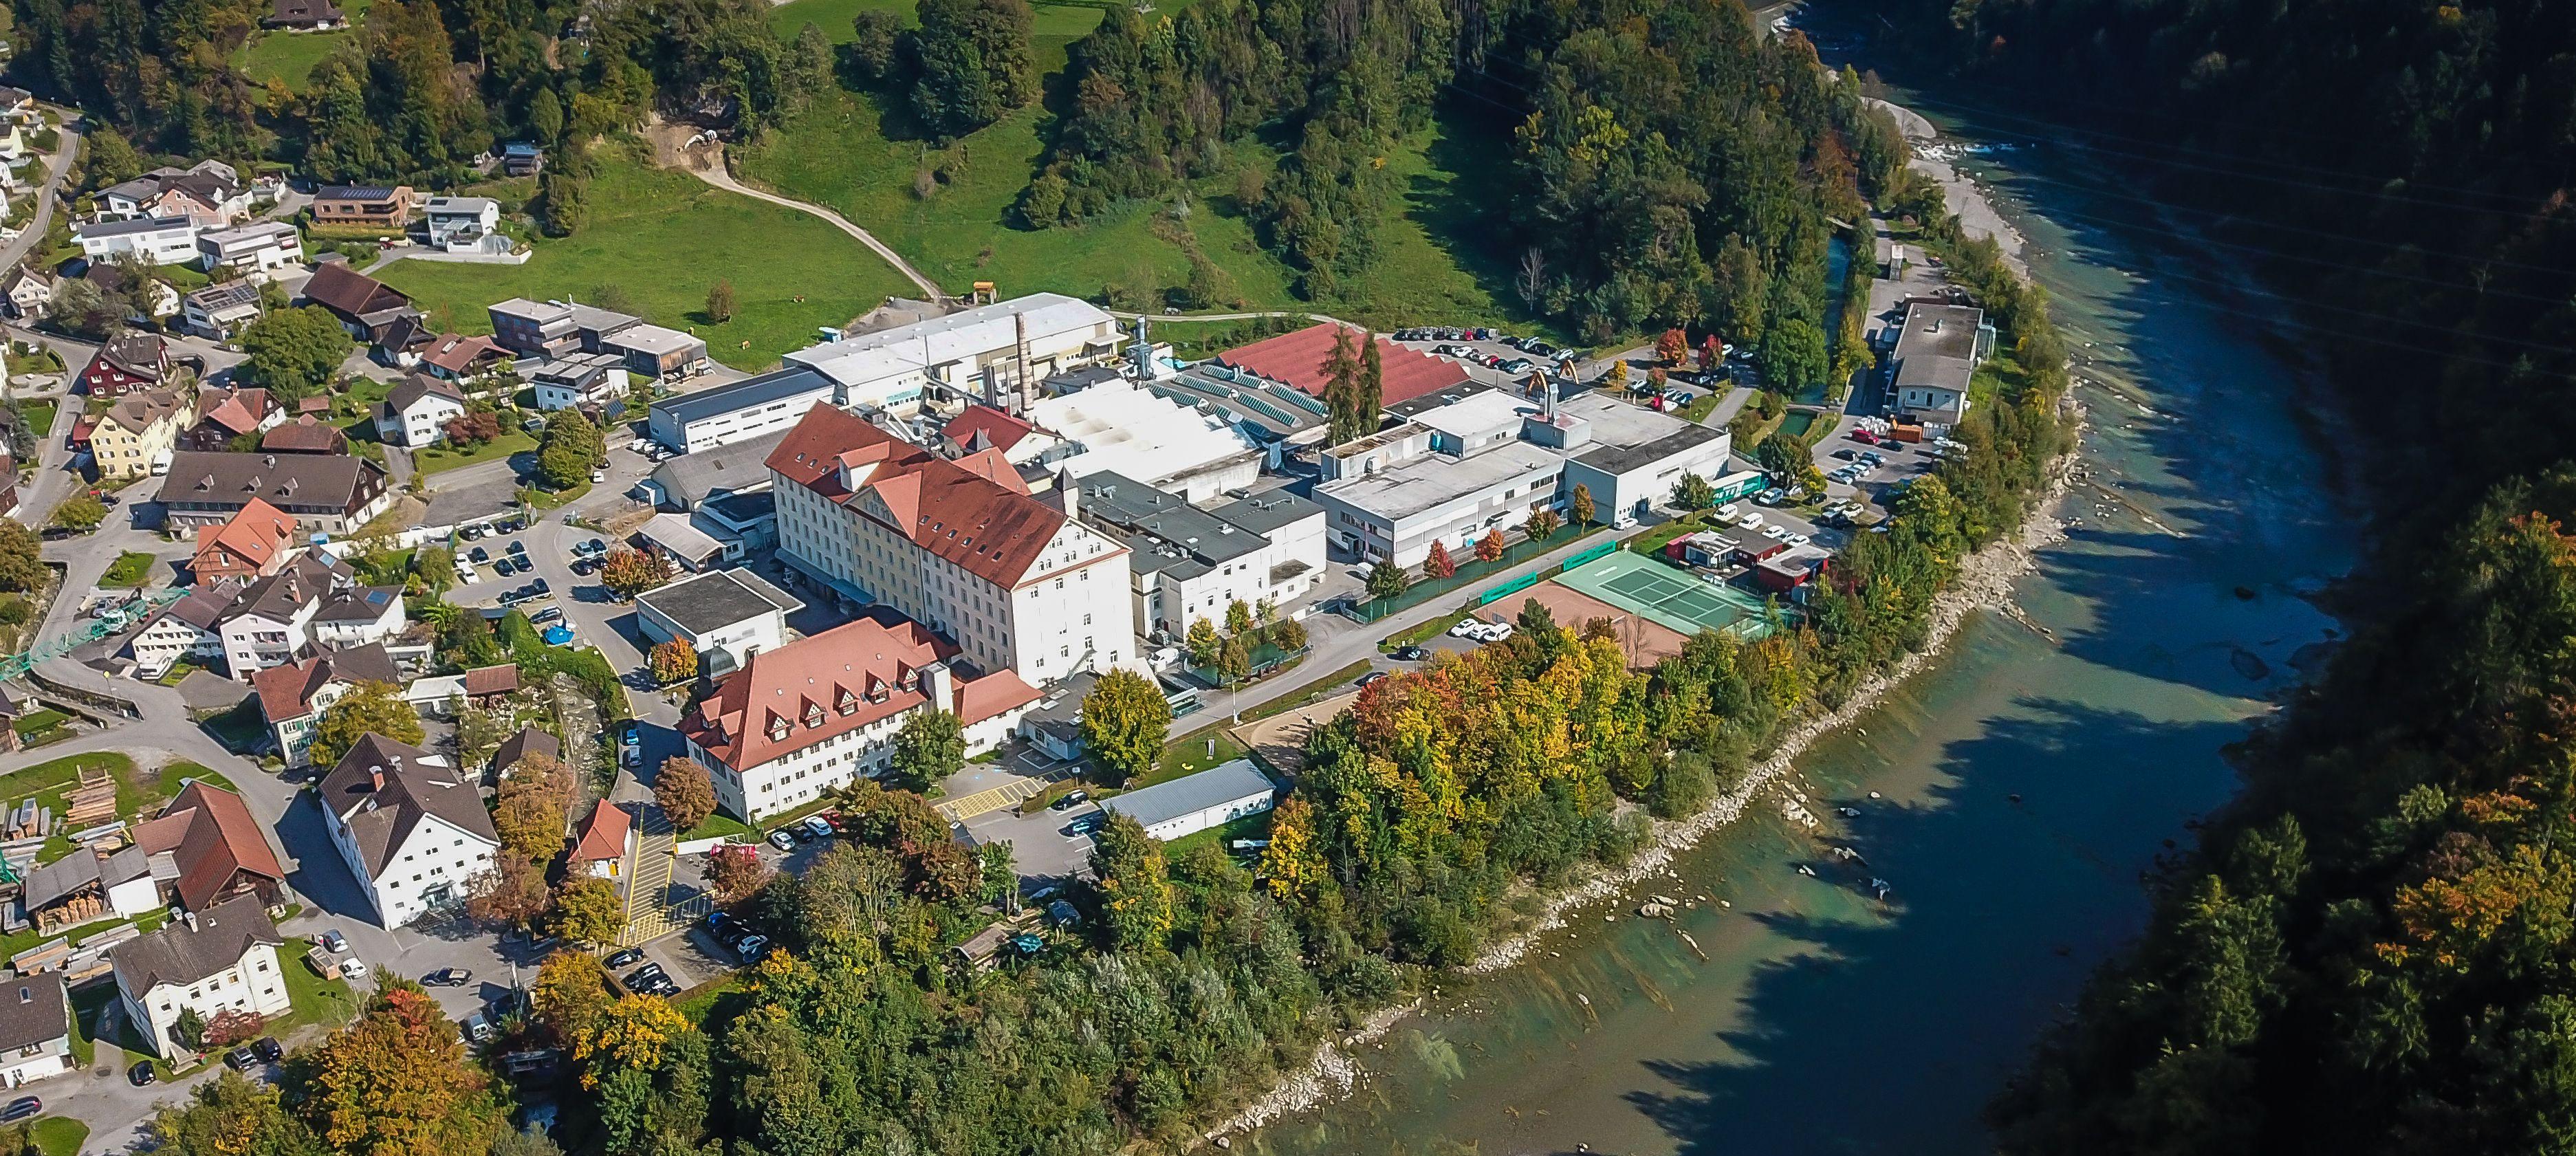 Vorarlberg: Wertgegenstände aus Pkw gestohlen - Zeugenaufruf